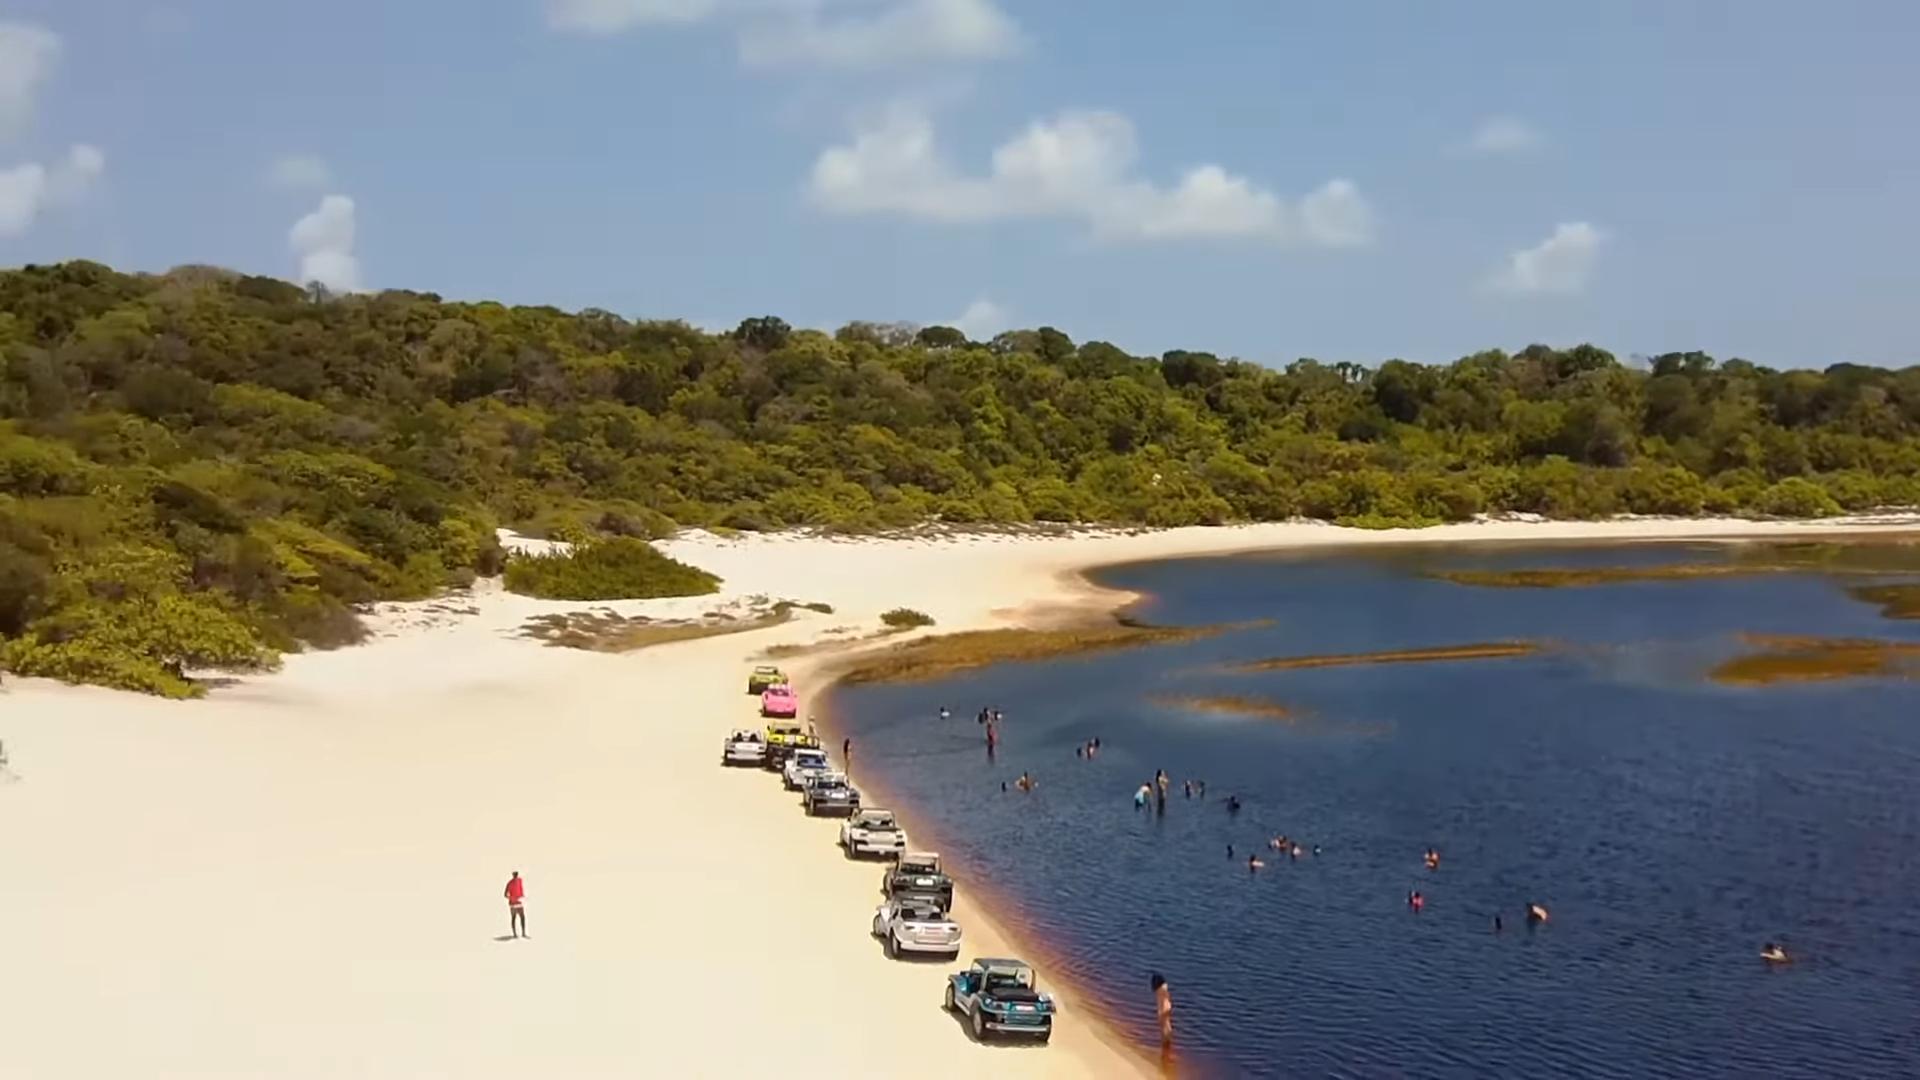 Danau Coca Cola, Tempat Wisata yang Popular Karena Warna Airnya